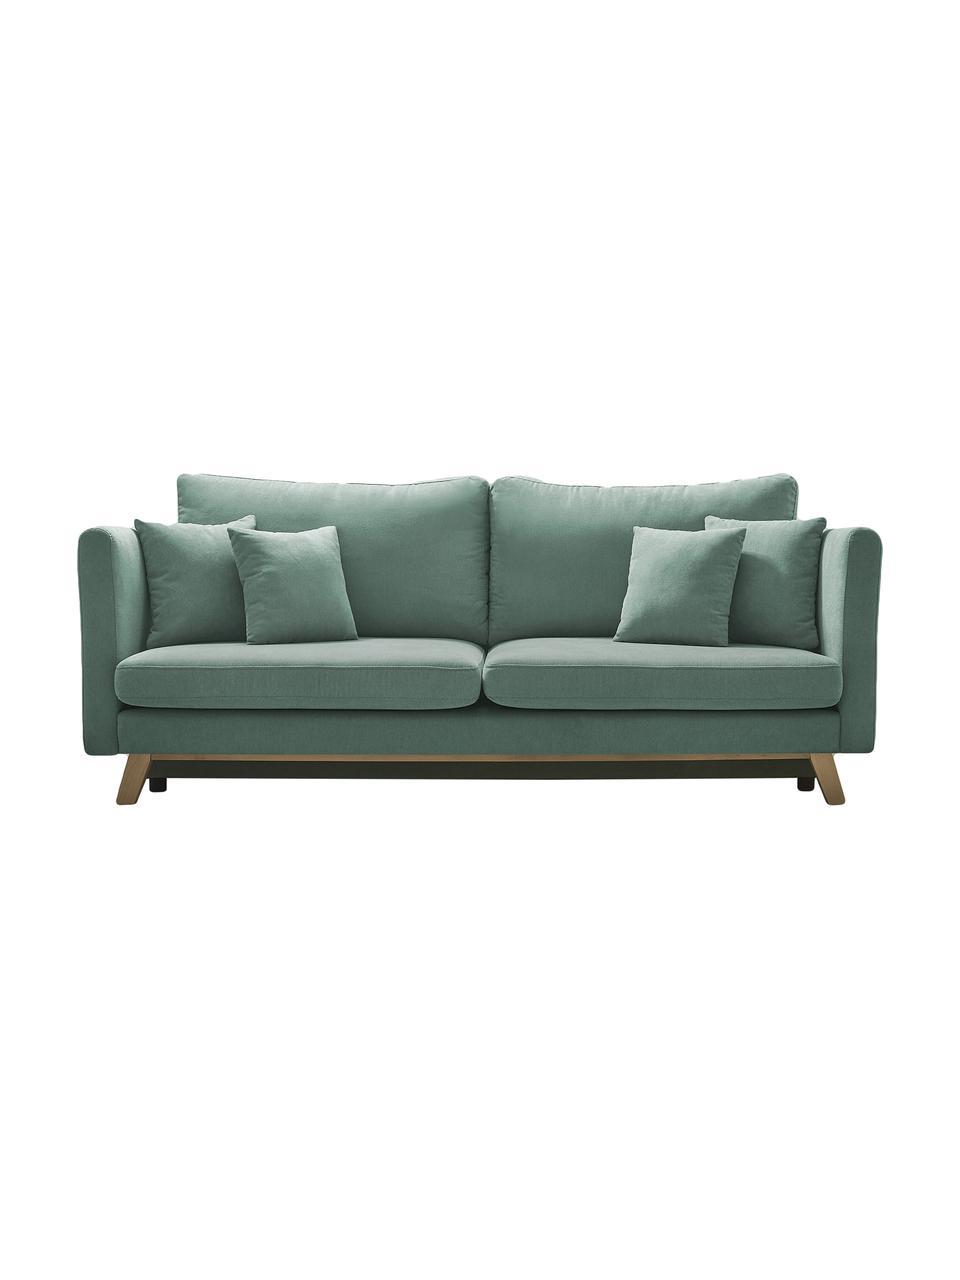 Sofa rozkładana z miejscem do przechowywania Triplo (3-osobowa), Tapicerka: 100% poliester, w dotyku , Nogi: metal lakierowany, Zielony miętowy, S 216 x G 105 cm